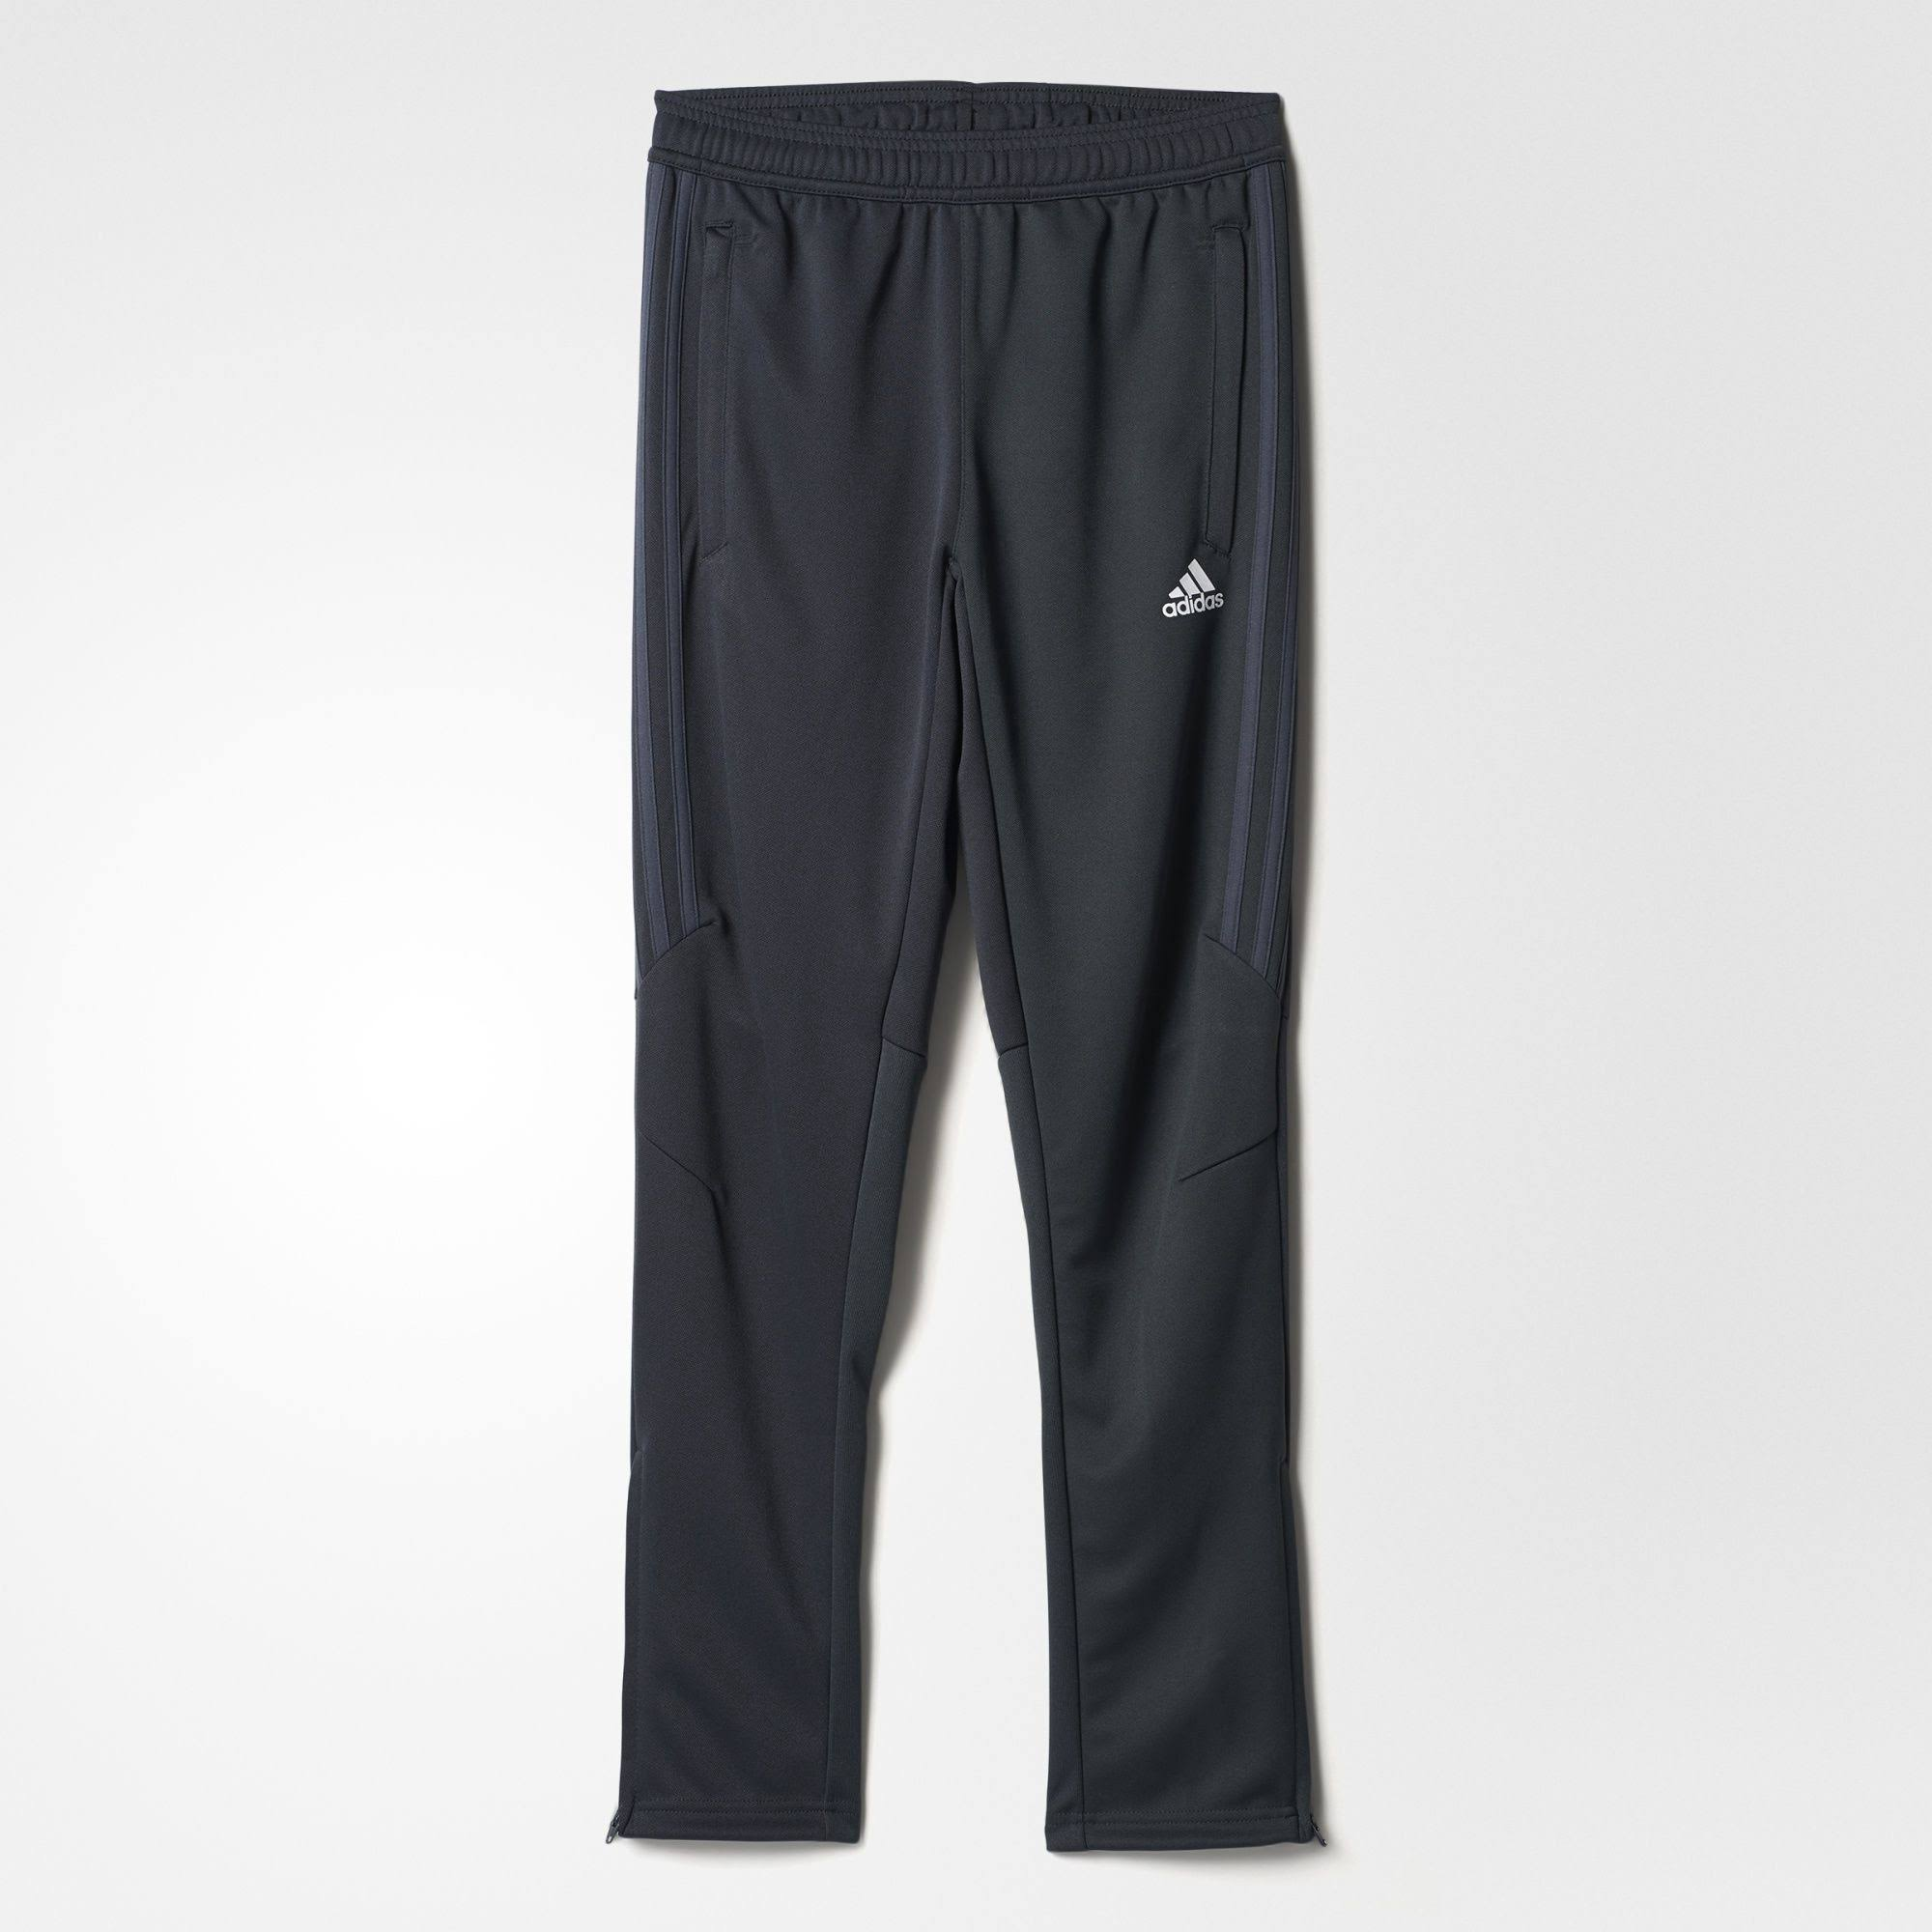 Pantaloncini da giovanile Adidas calcio scuro Tiro allenamento 17Grigio biancoL l1TJFKc